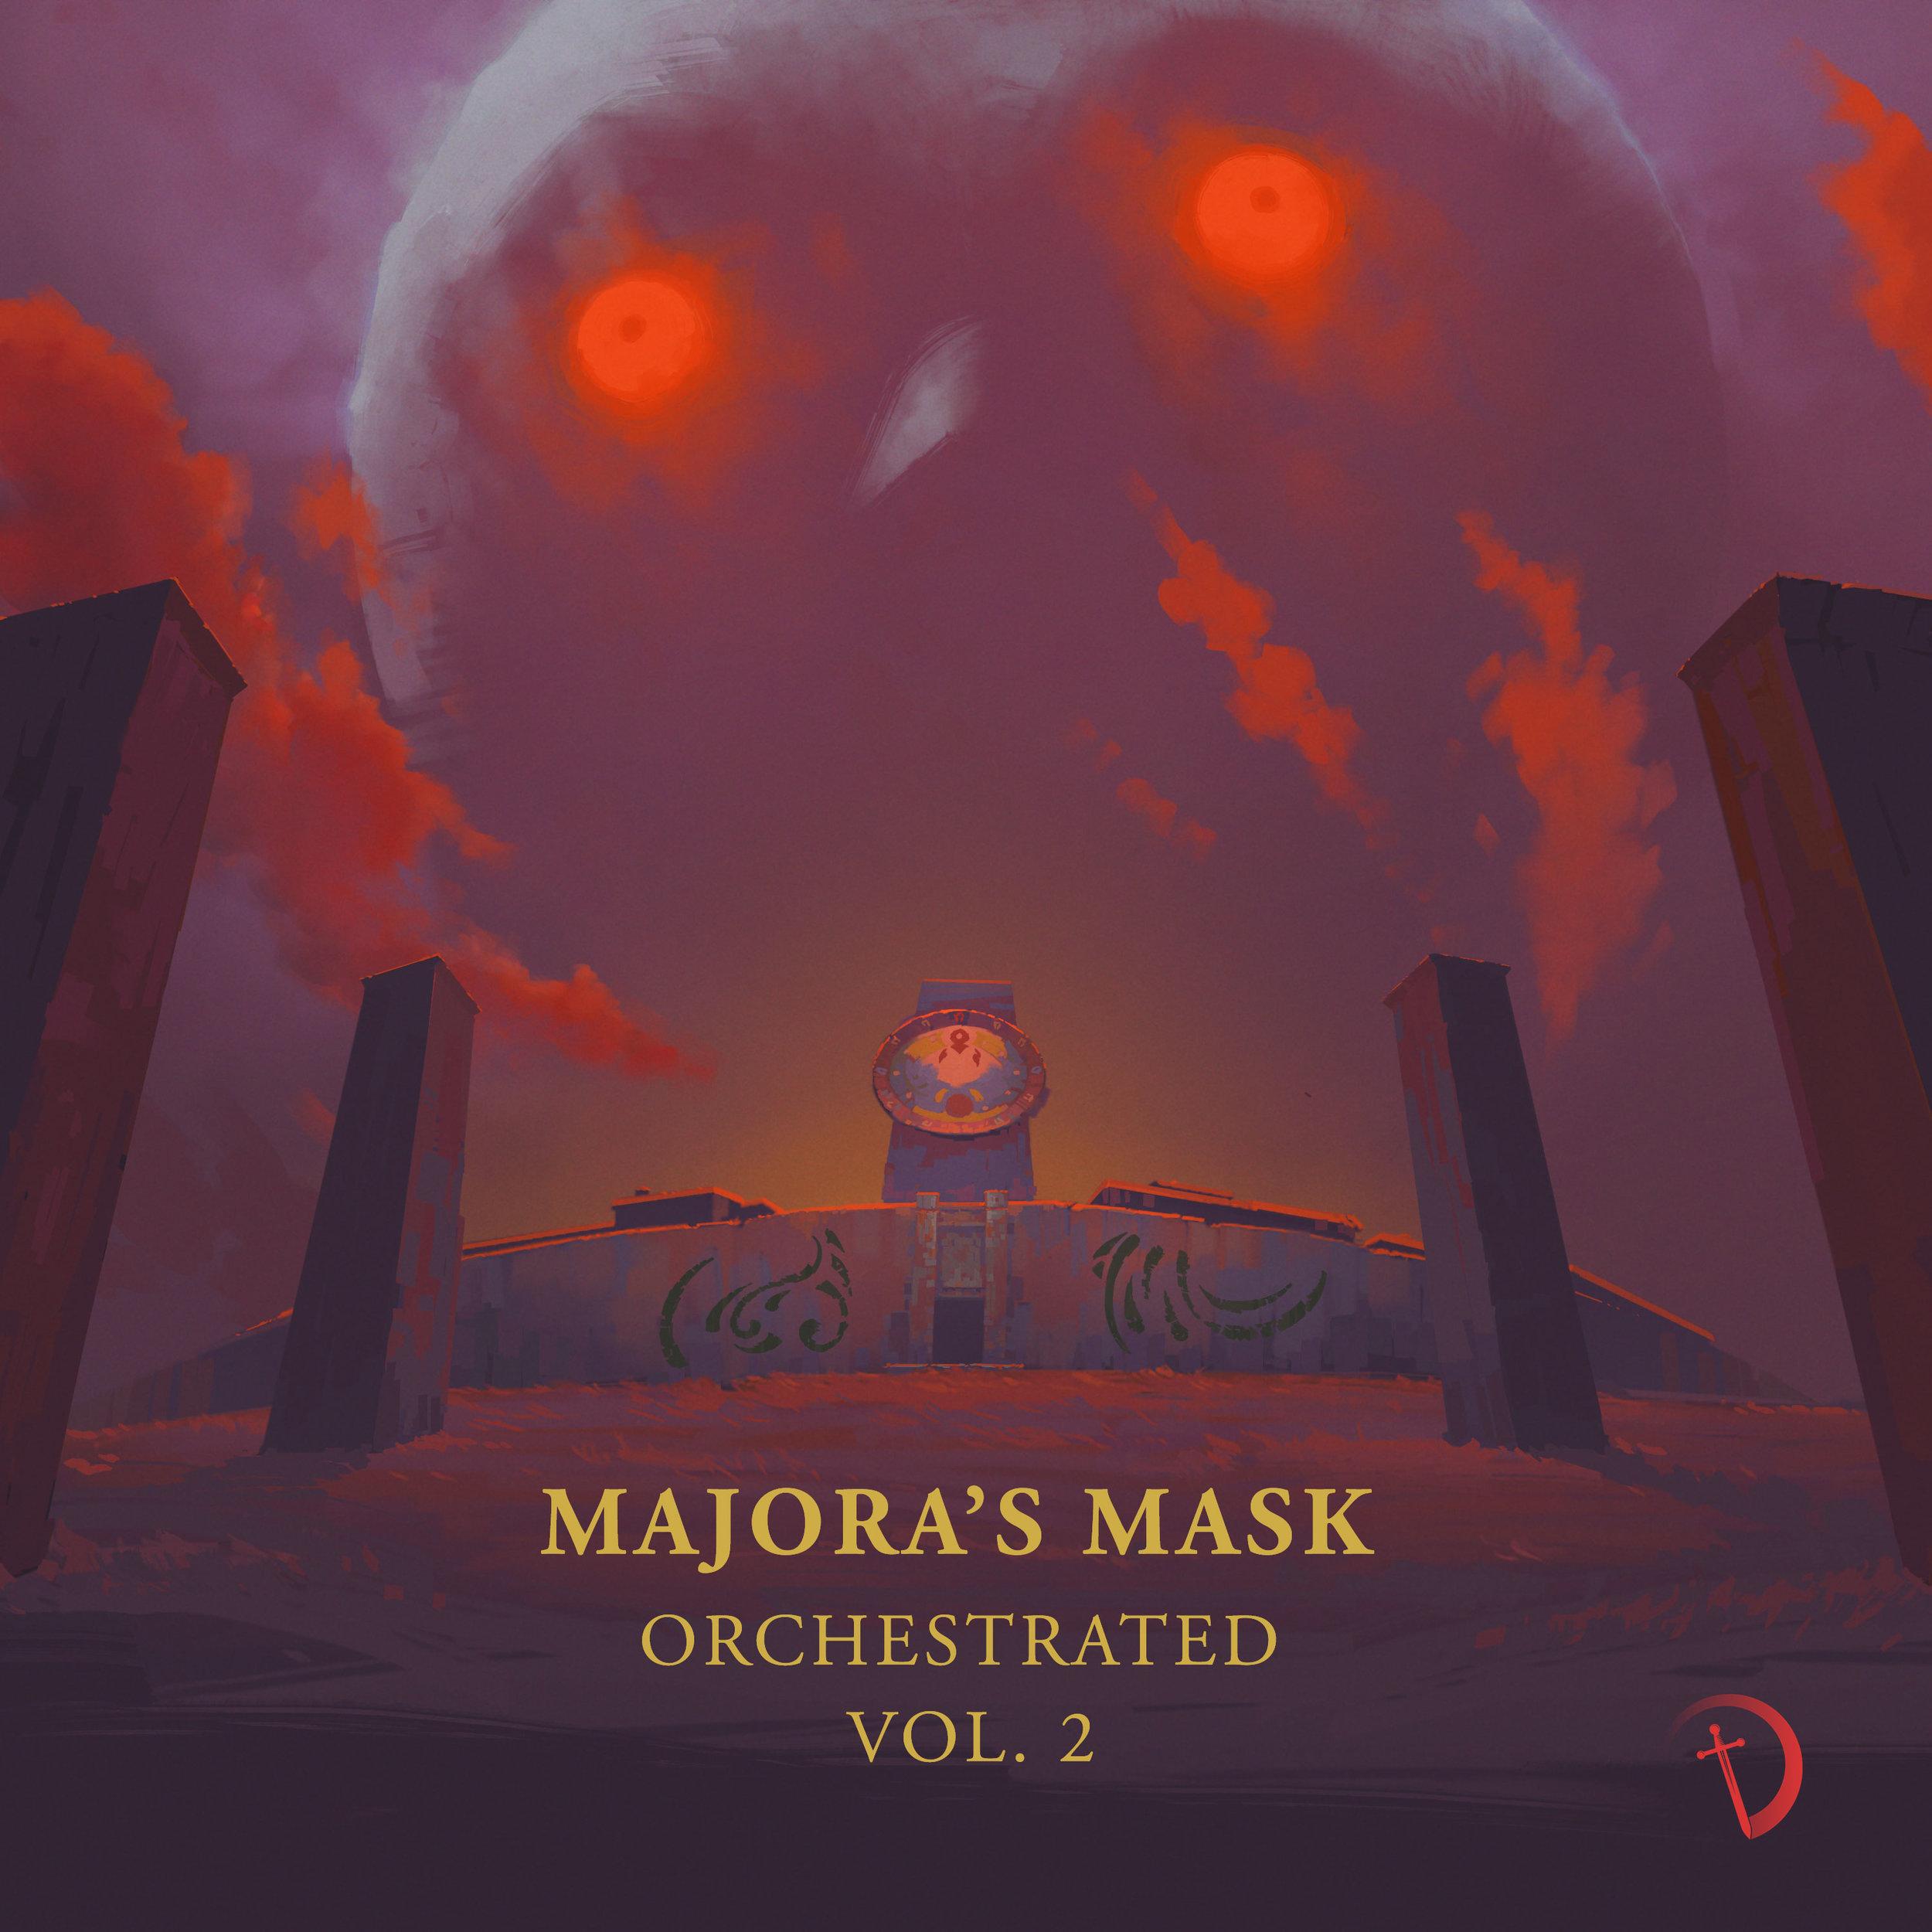 Majorasmask_vol2_Cover.jpg